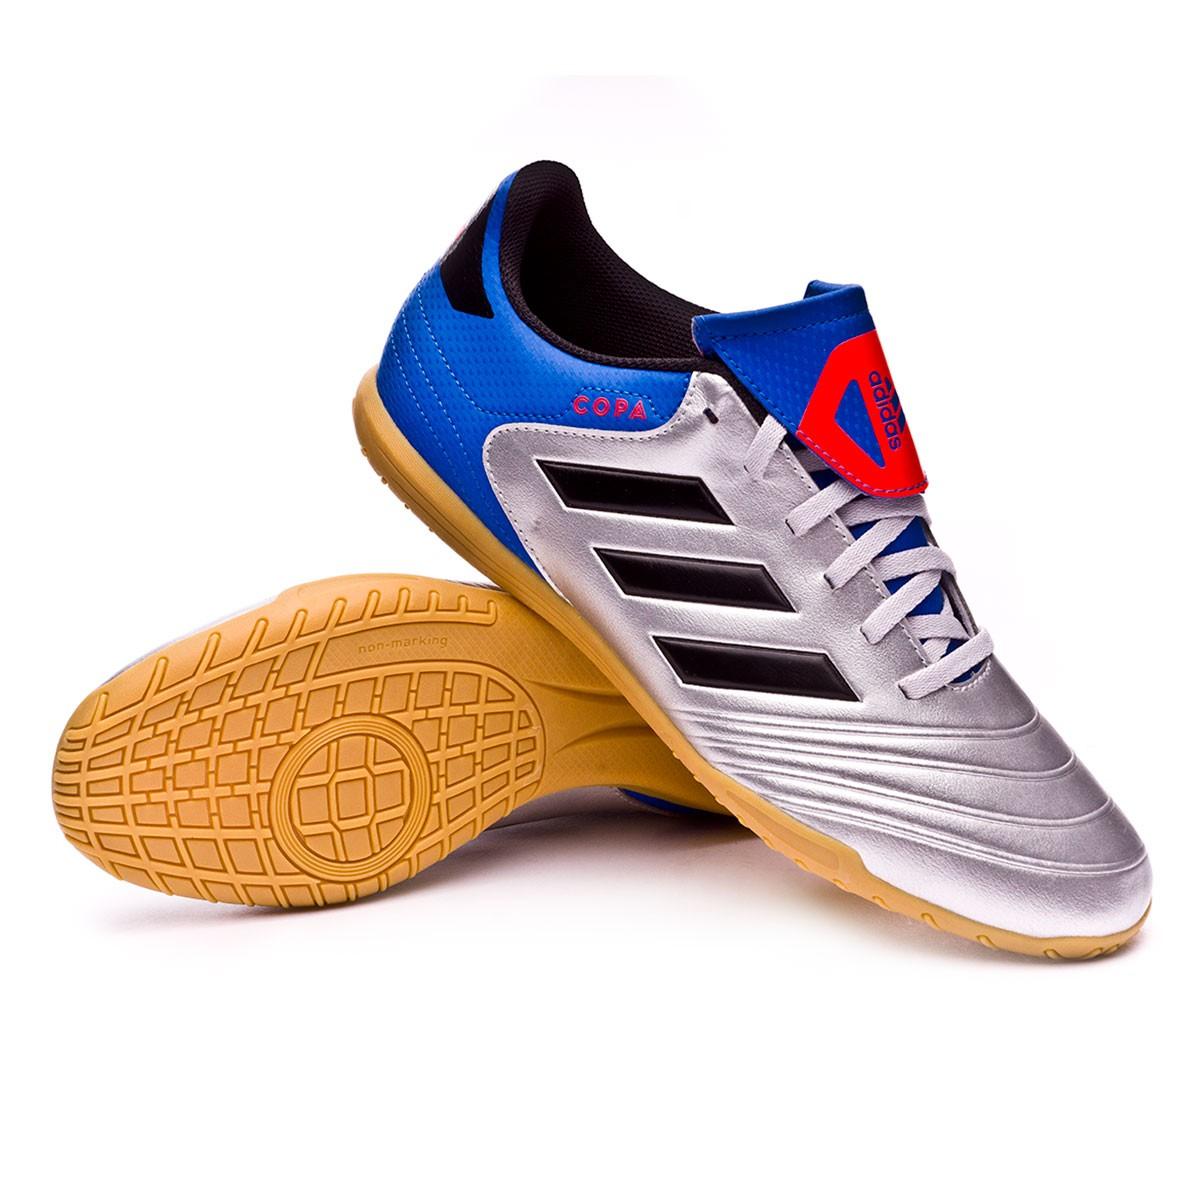 7f57cb92b82c adidas Copa Tango 18.4 IN Futsal Boot. Silver metallic-Core black-Football  ...